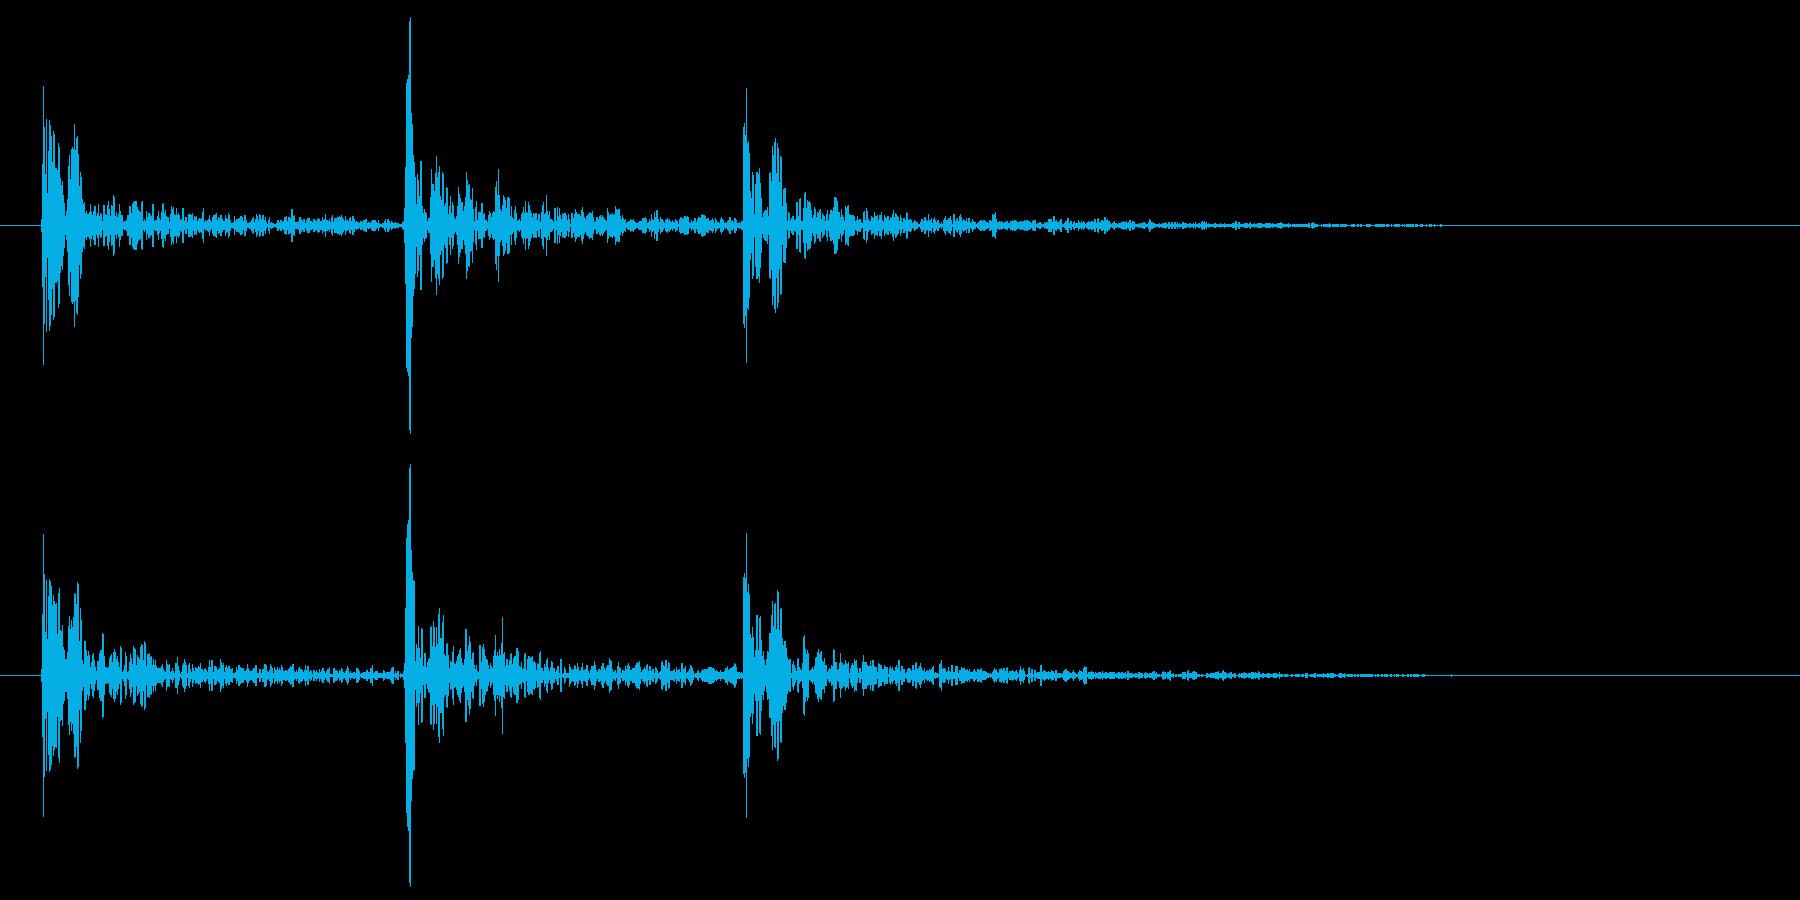 ドアノック 3回 トントントン コンコンの再生済みの波形